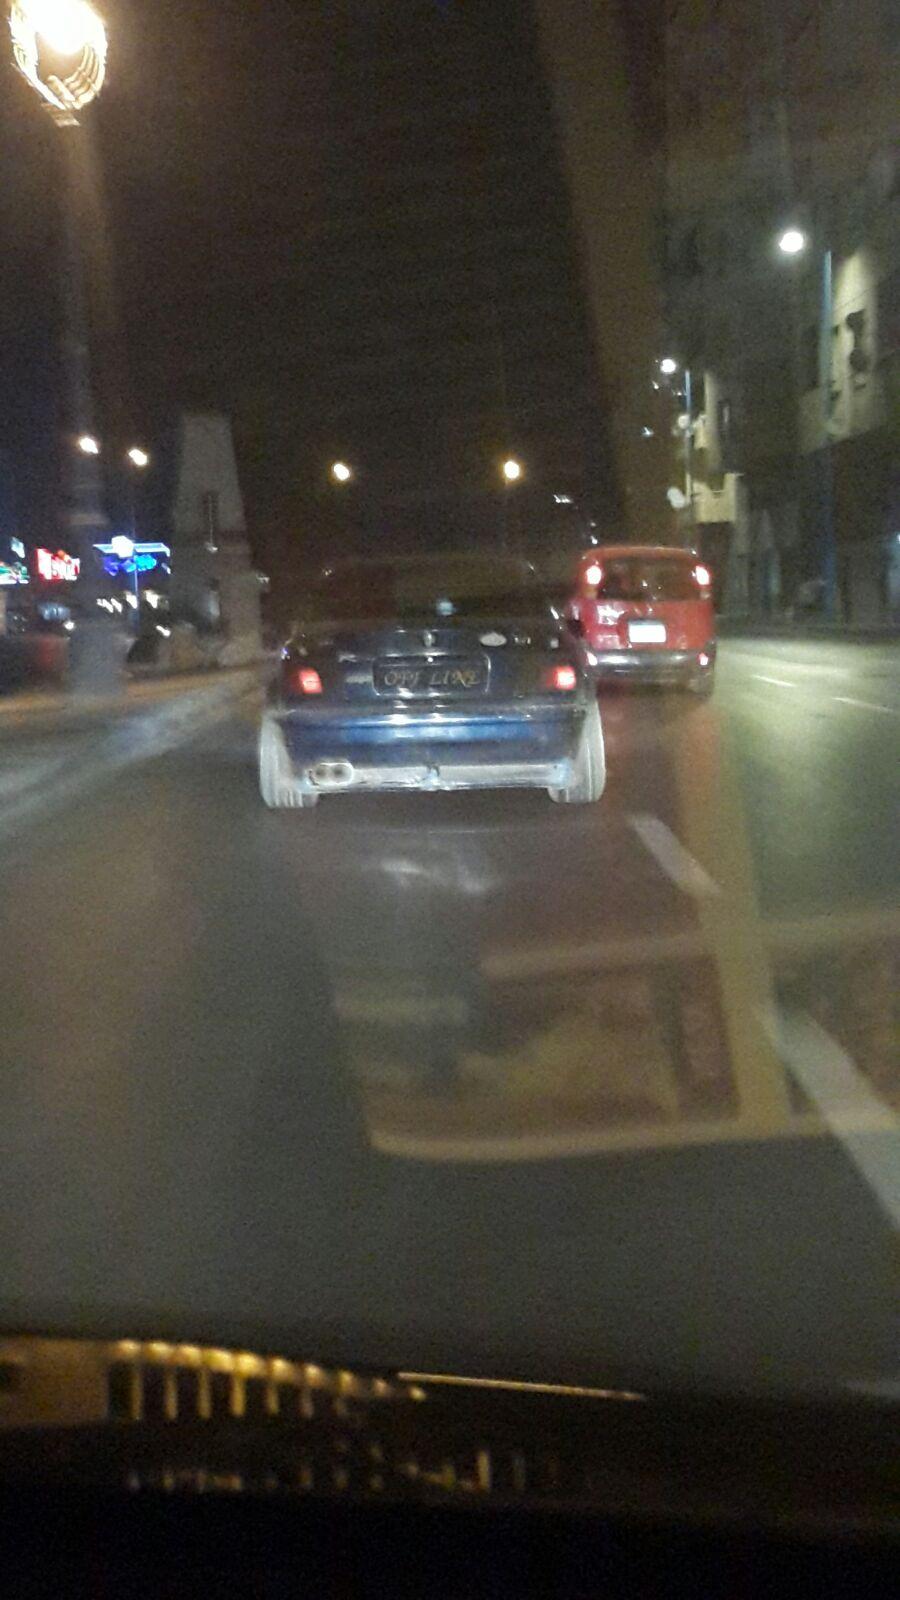 بالصور.. سيارة تتحرك على طريق البحر بالإسكندرية دون لوحة معدنية «أصلها أوف لاين»